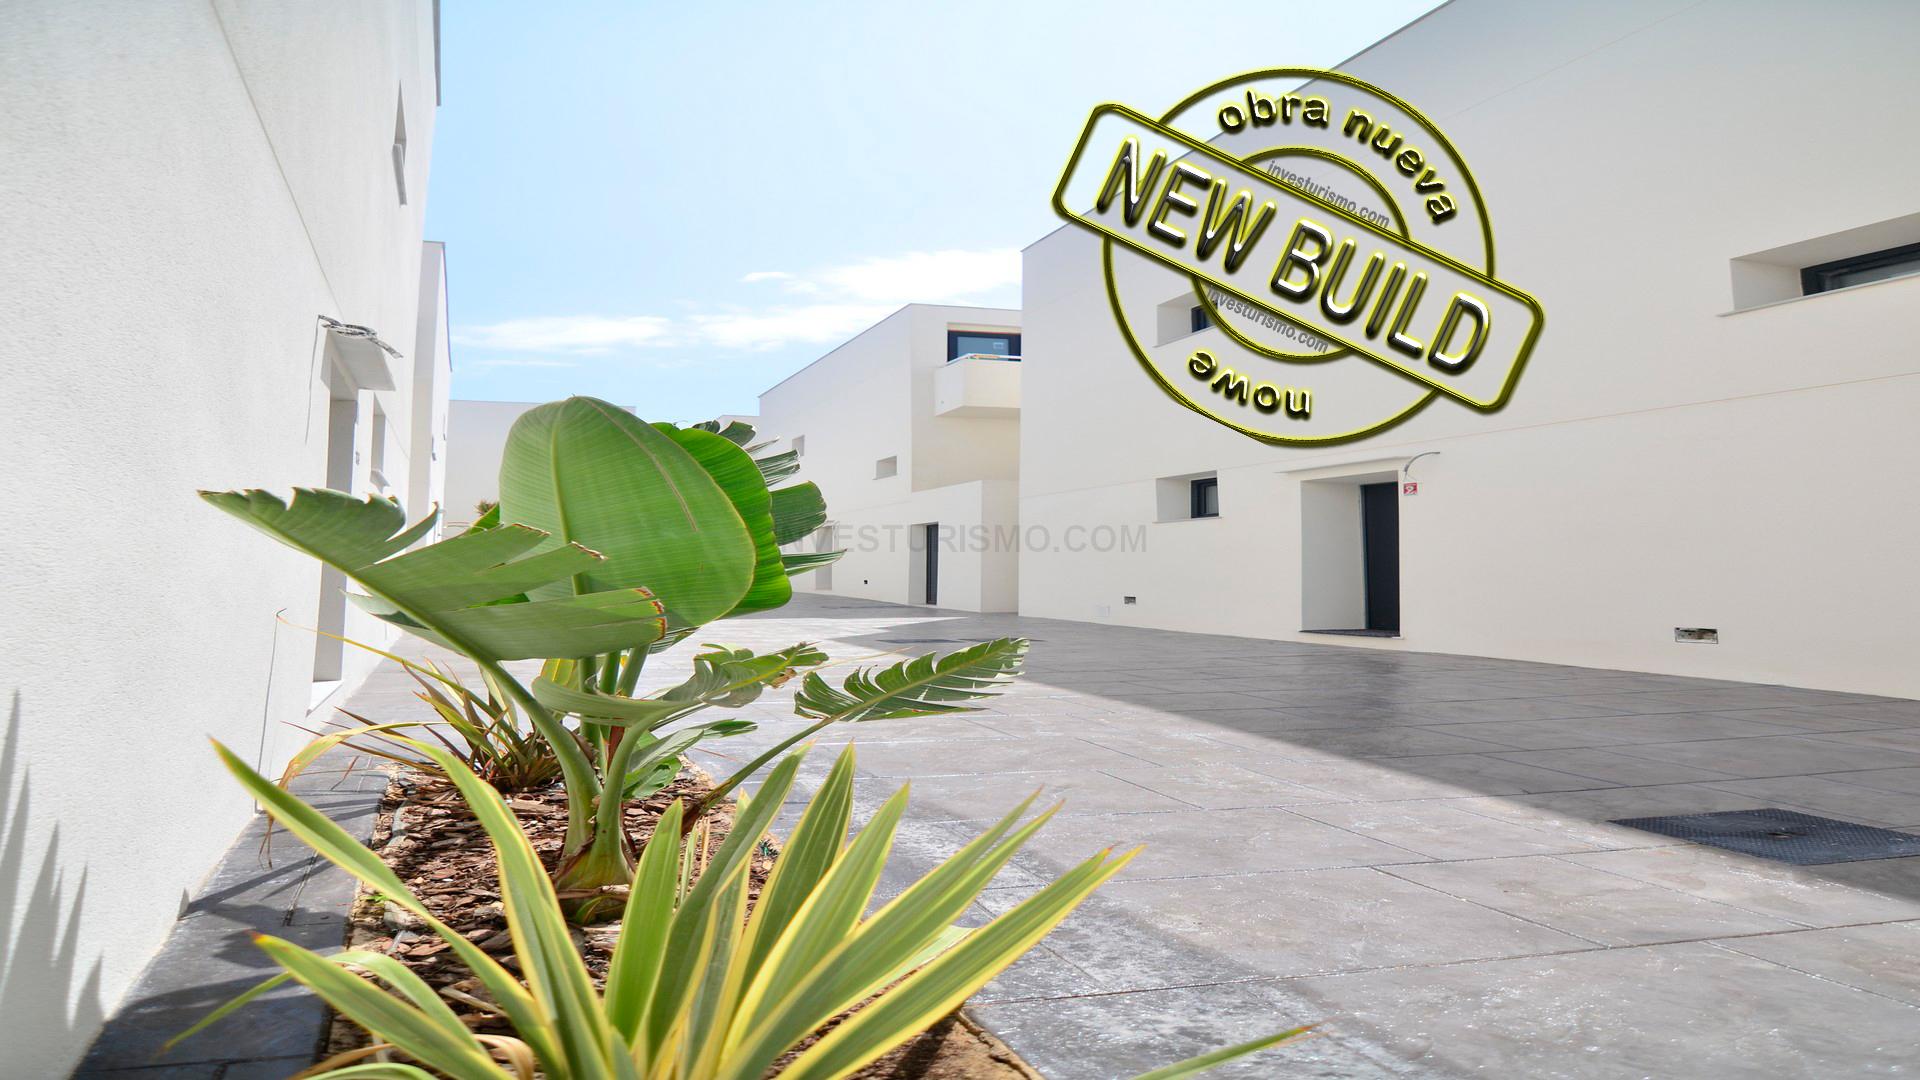 New build villas 3-4 bedrooms in Torrevieja